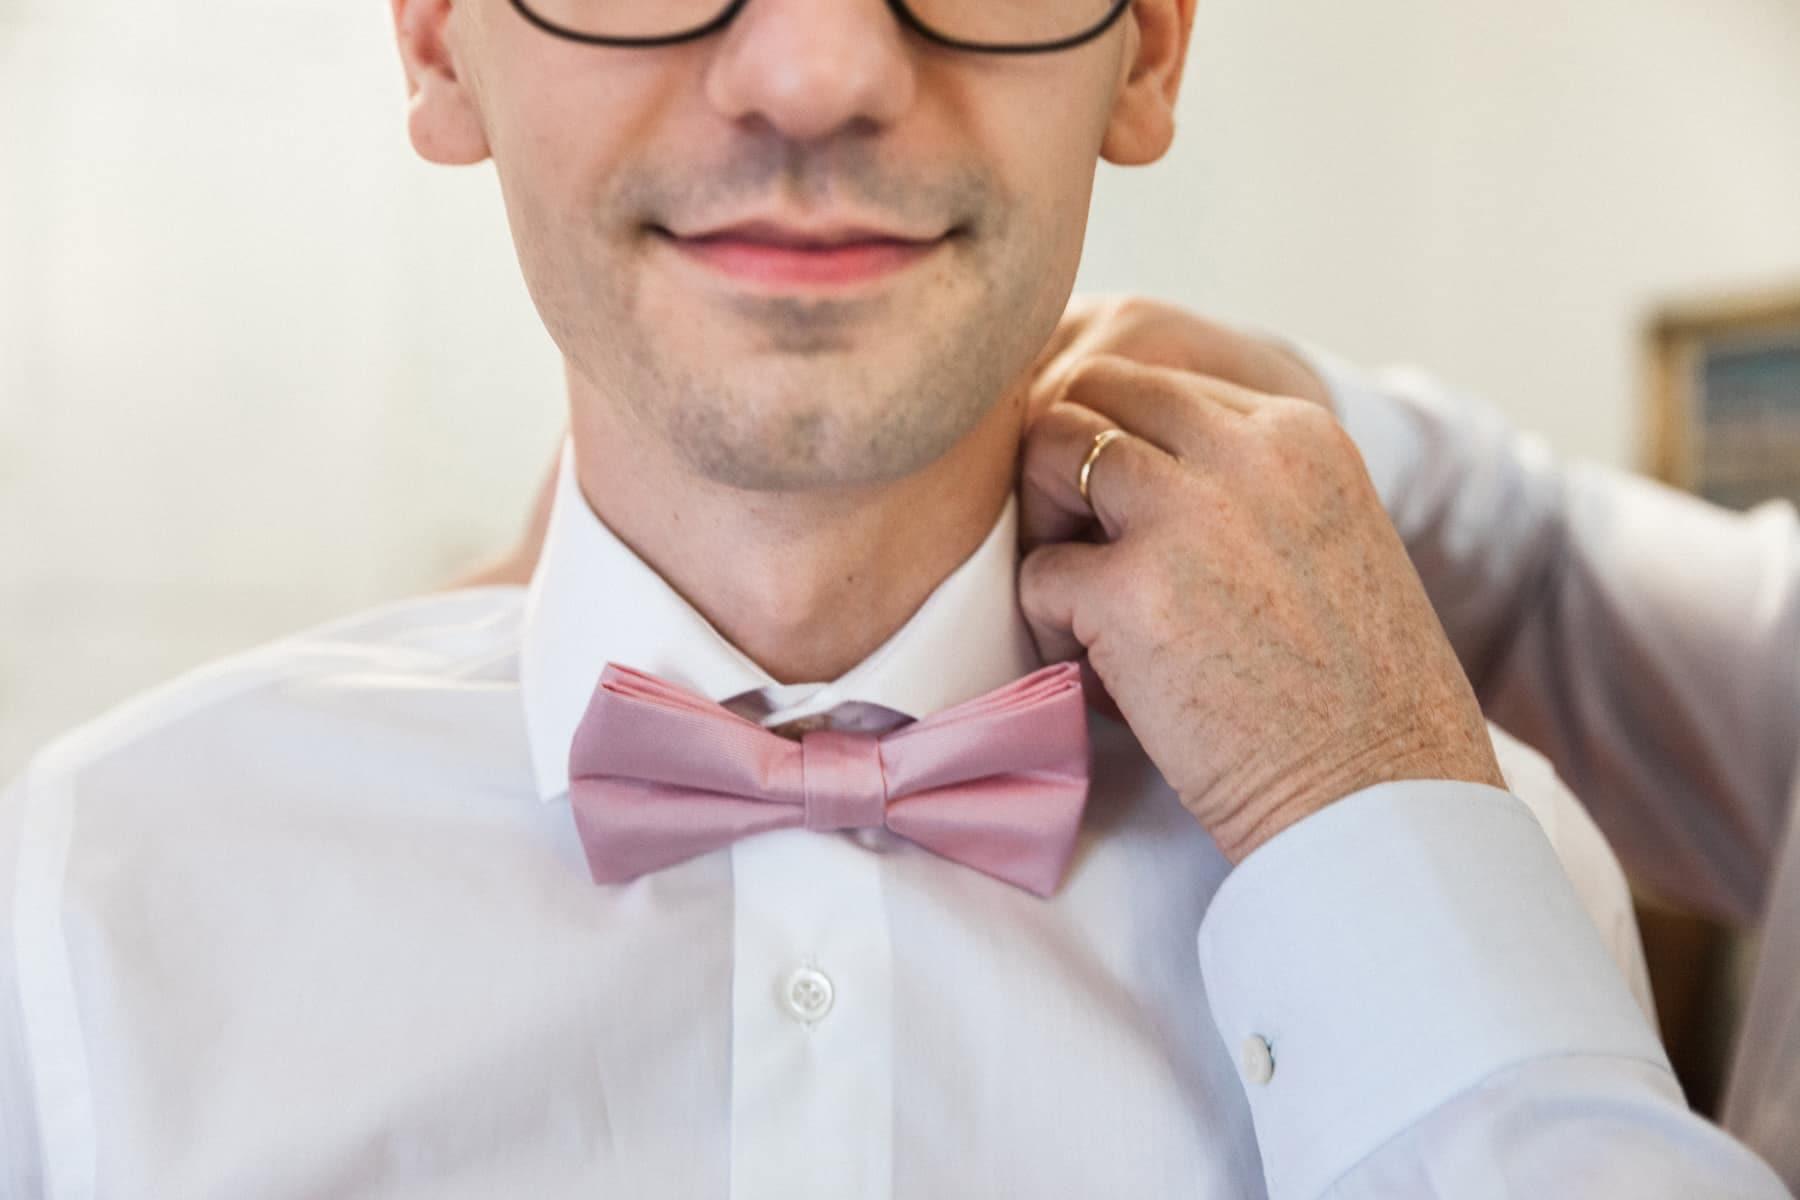 mariage pastel rose pâle blush, noeud papillon rose pour le marié